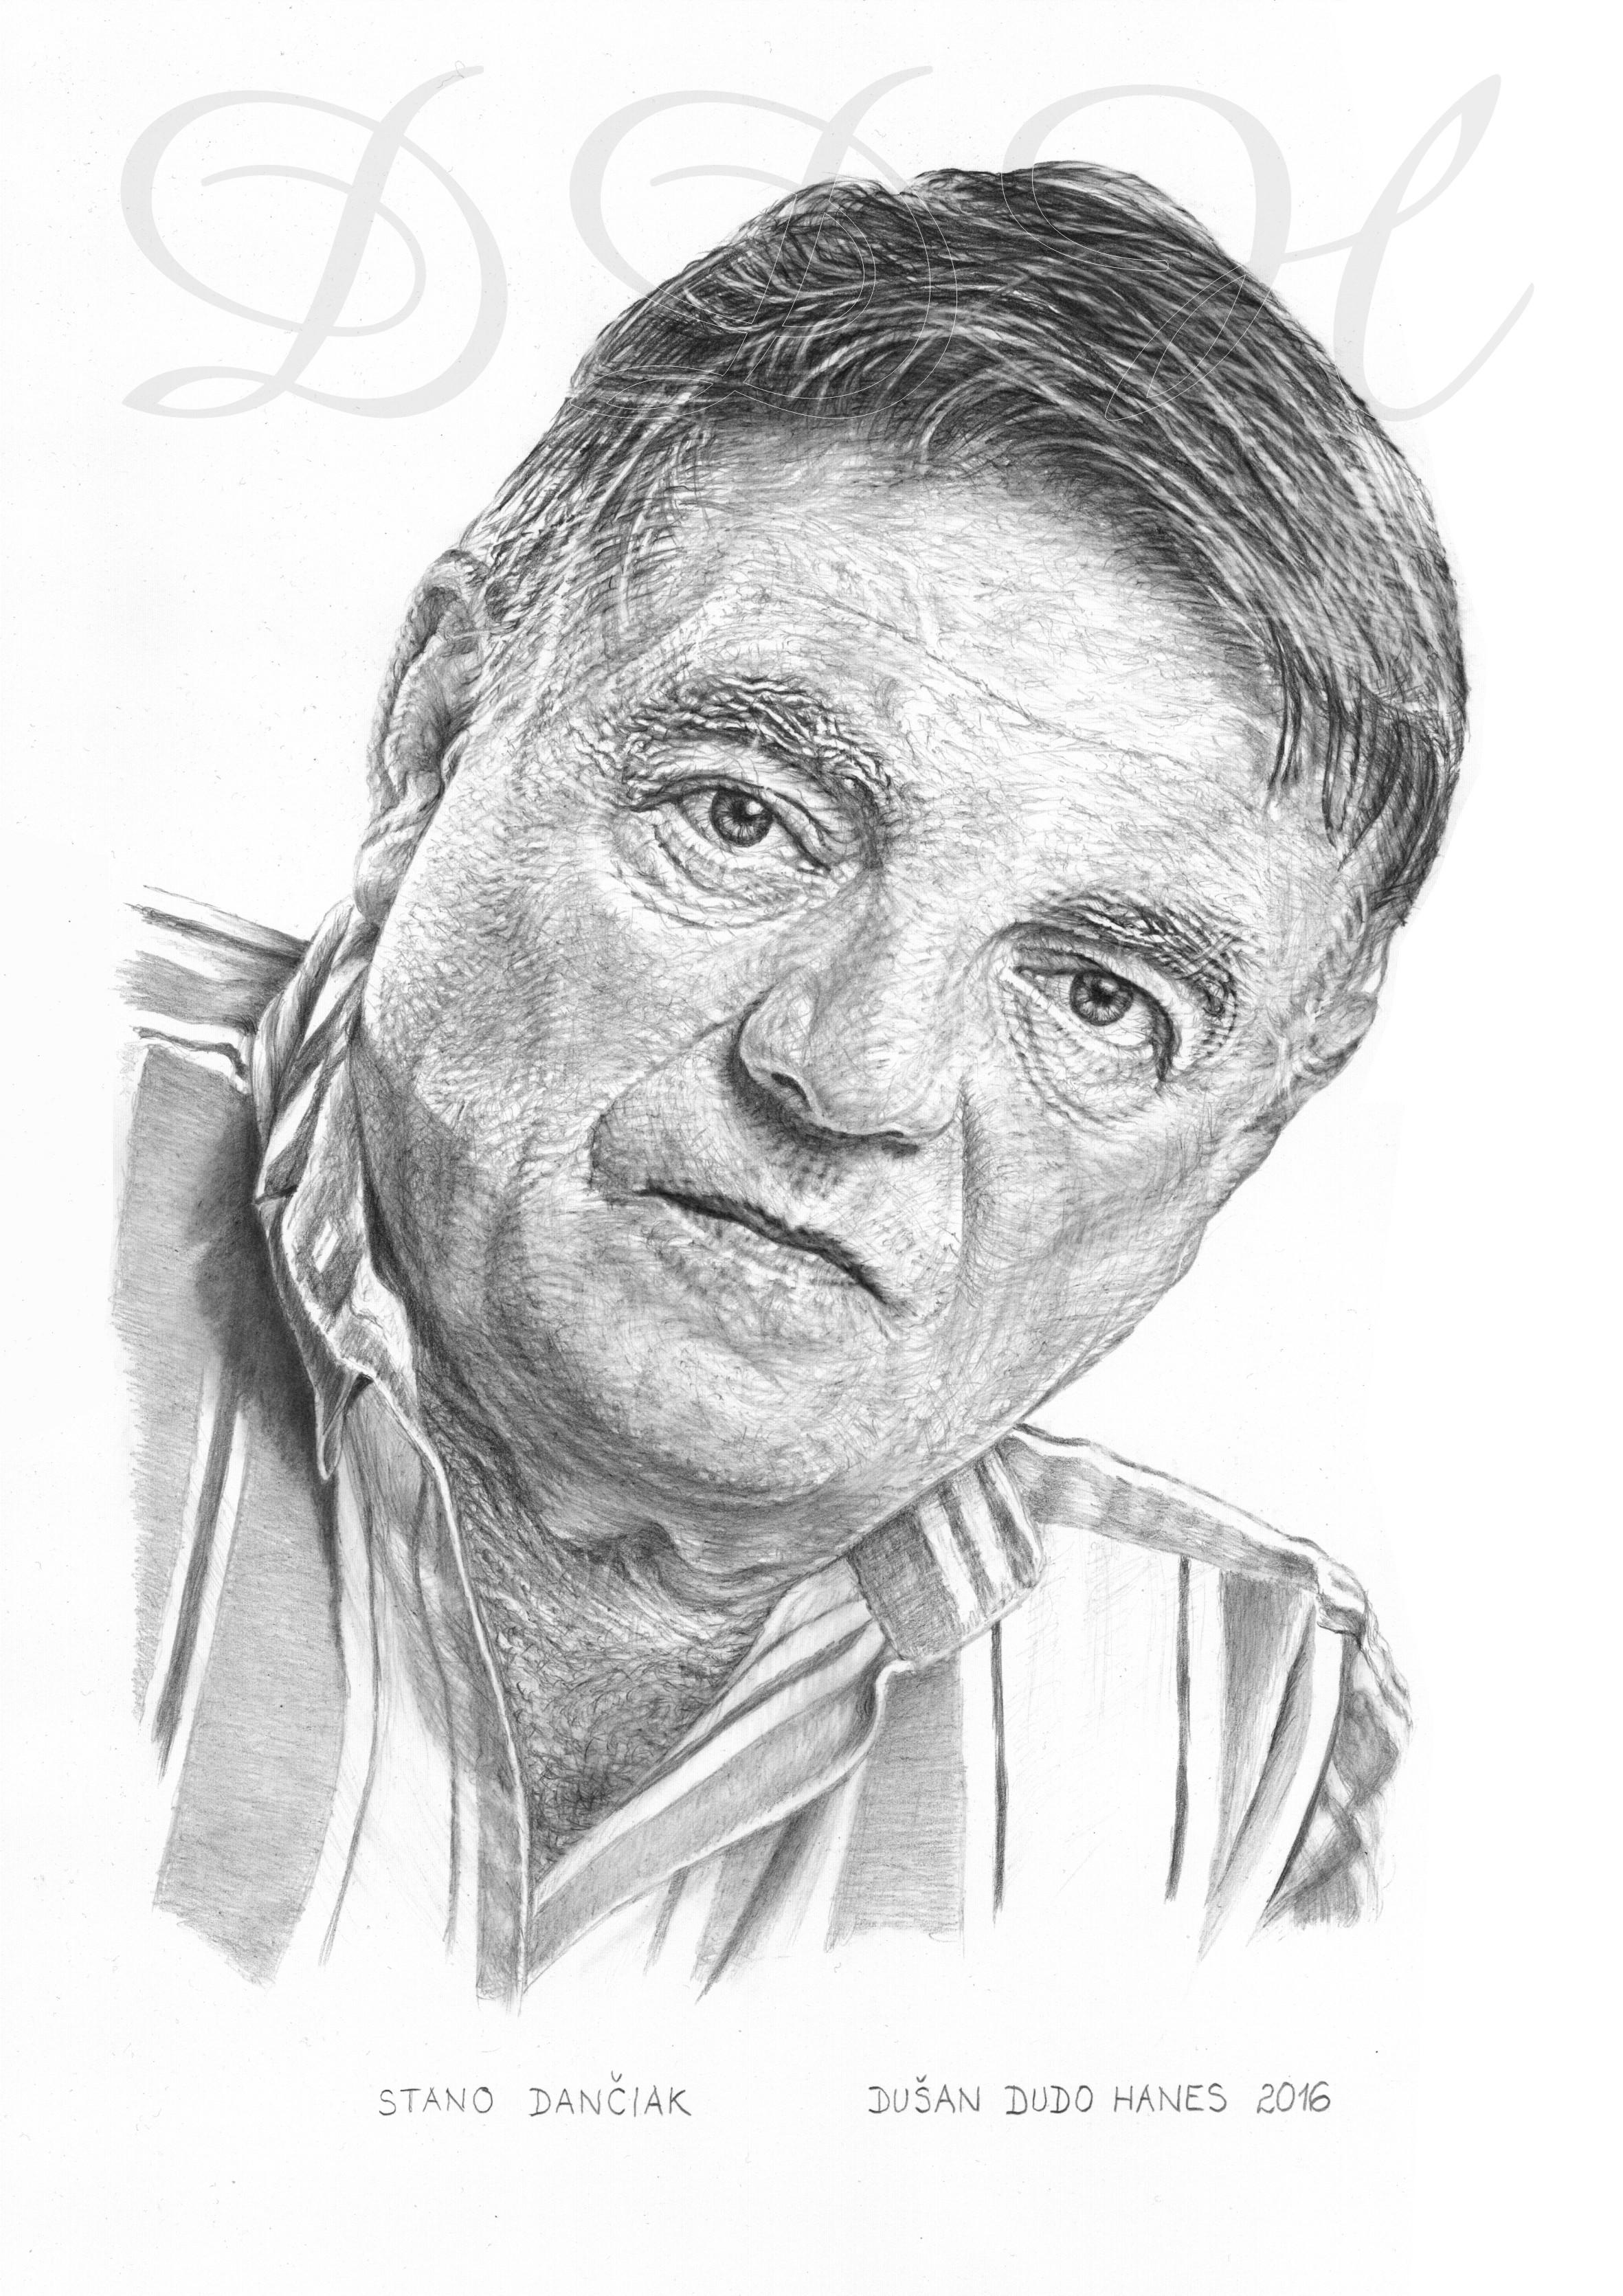 110 - Stano Dančiak, portrét Dušan Dudo Hanes